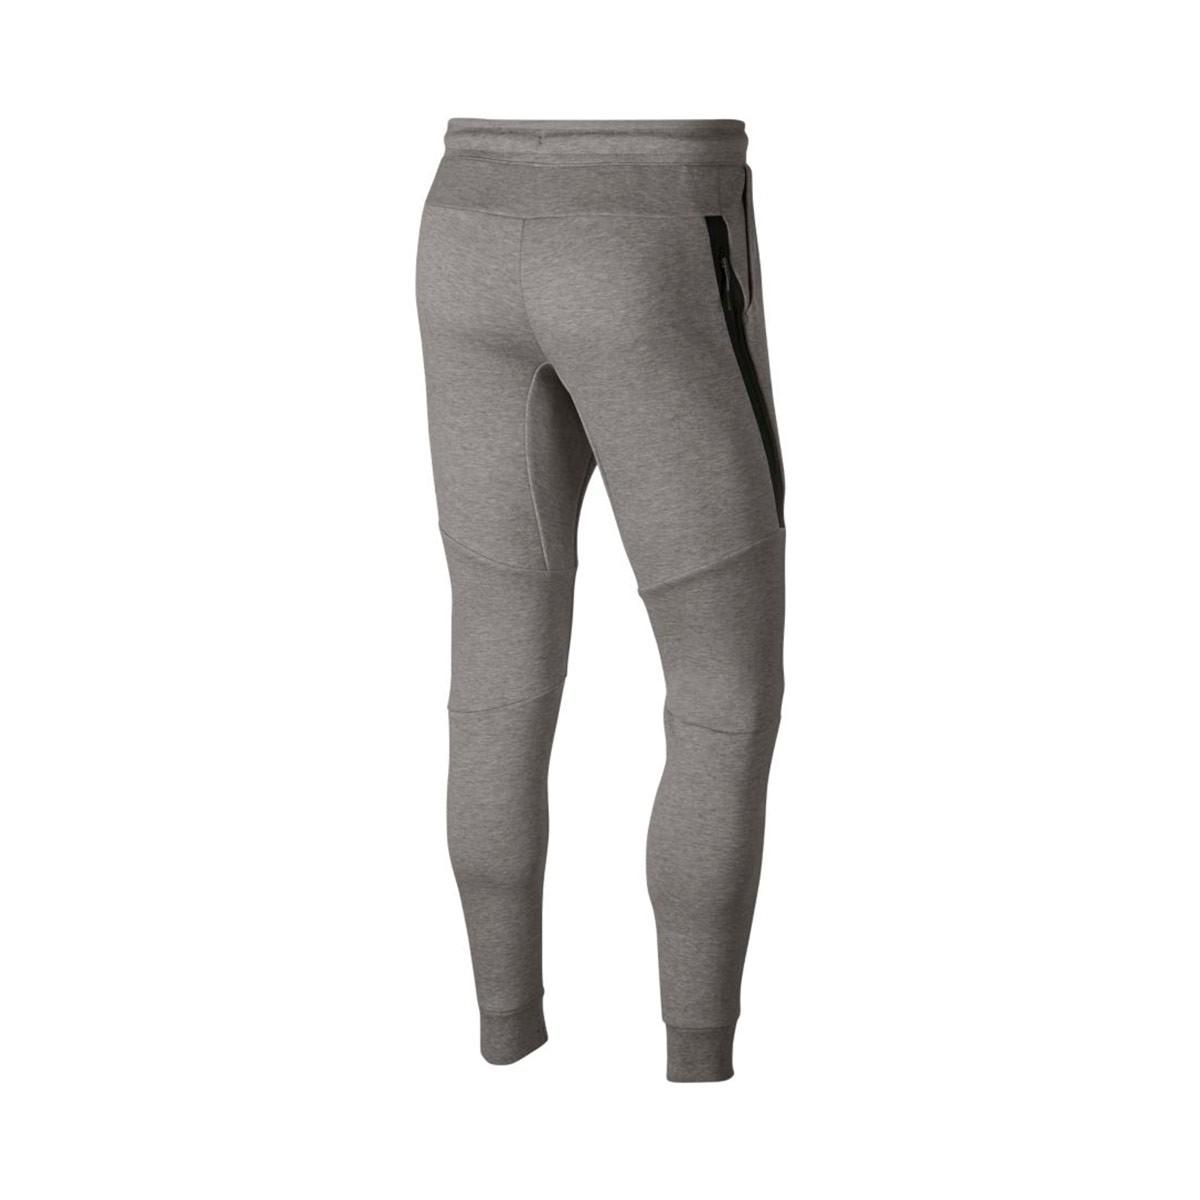 dff2ddcfae21 Long pants Nike Sportswear Tech Fleece Jogger 2019 Dark grey heather ...